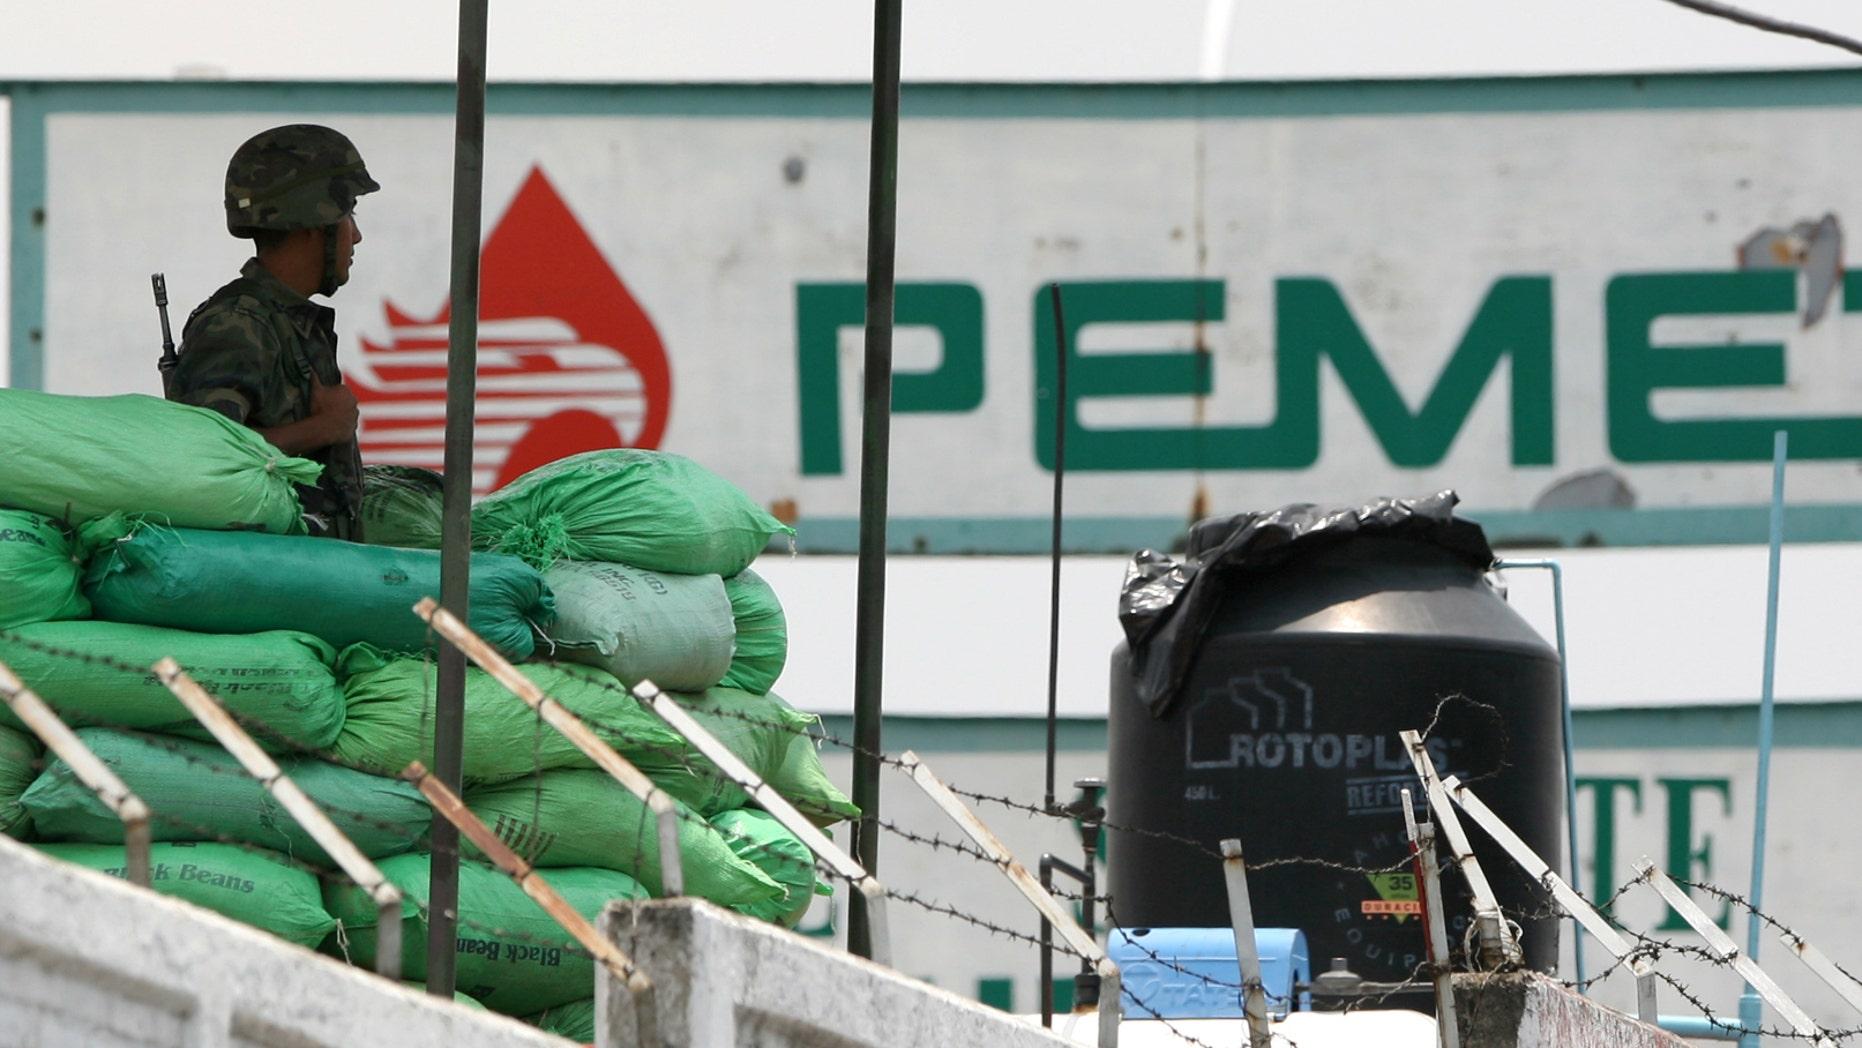 ARCHIVO - En esta foto de archivo del 11 de julio de 2007, un soldado del ejército mexicano monta guardia en una planta de la petrolera Pemex en la capital mexicana. El número de tomas ilegales en ductos de Petróleos Mexicanos se ha duplicado en lo que va de 2013, una de las pocas estadísticas relacionadas con delitos que, según el gobierno del presidente Enrique Peña Nieto, ha aumentado desde que asumió el cargo en diciembre pasado, dijo el gobierno el martes 23 de julio de 2013. (AP Foto/Eduardo Verdugo)